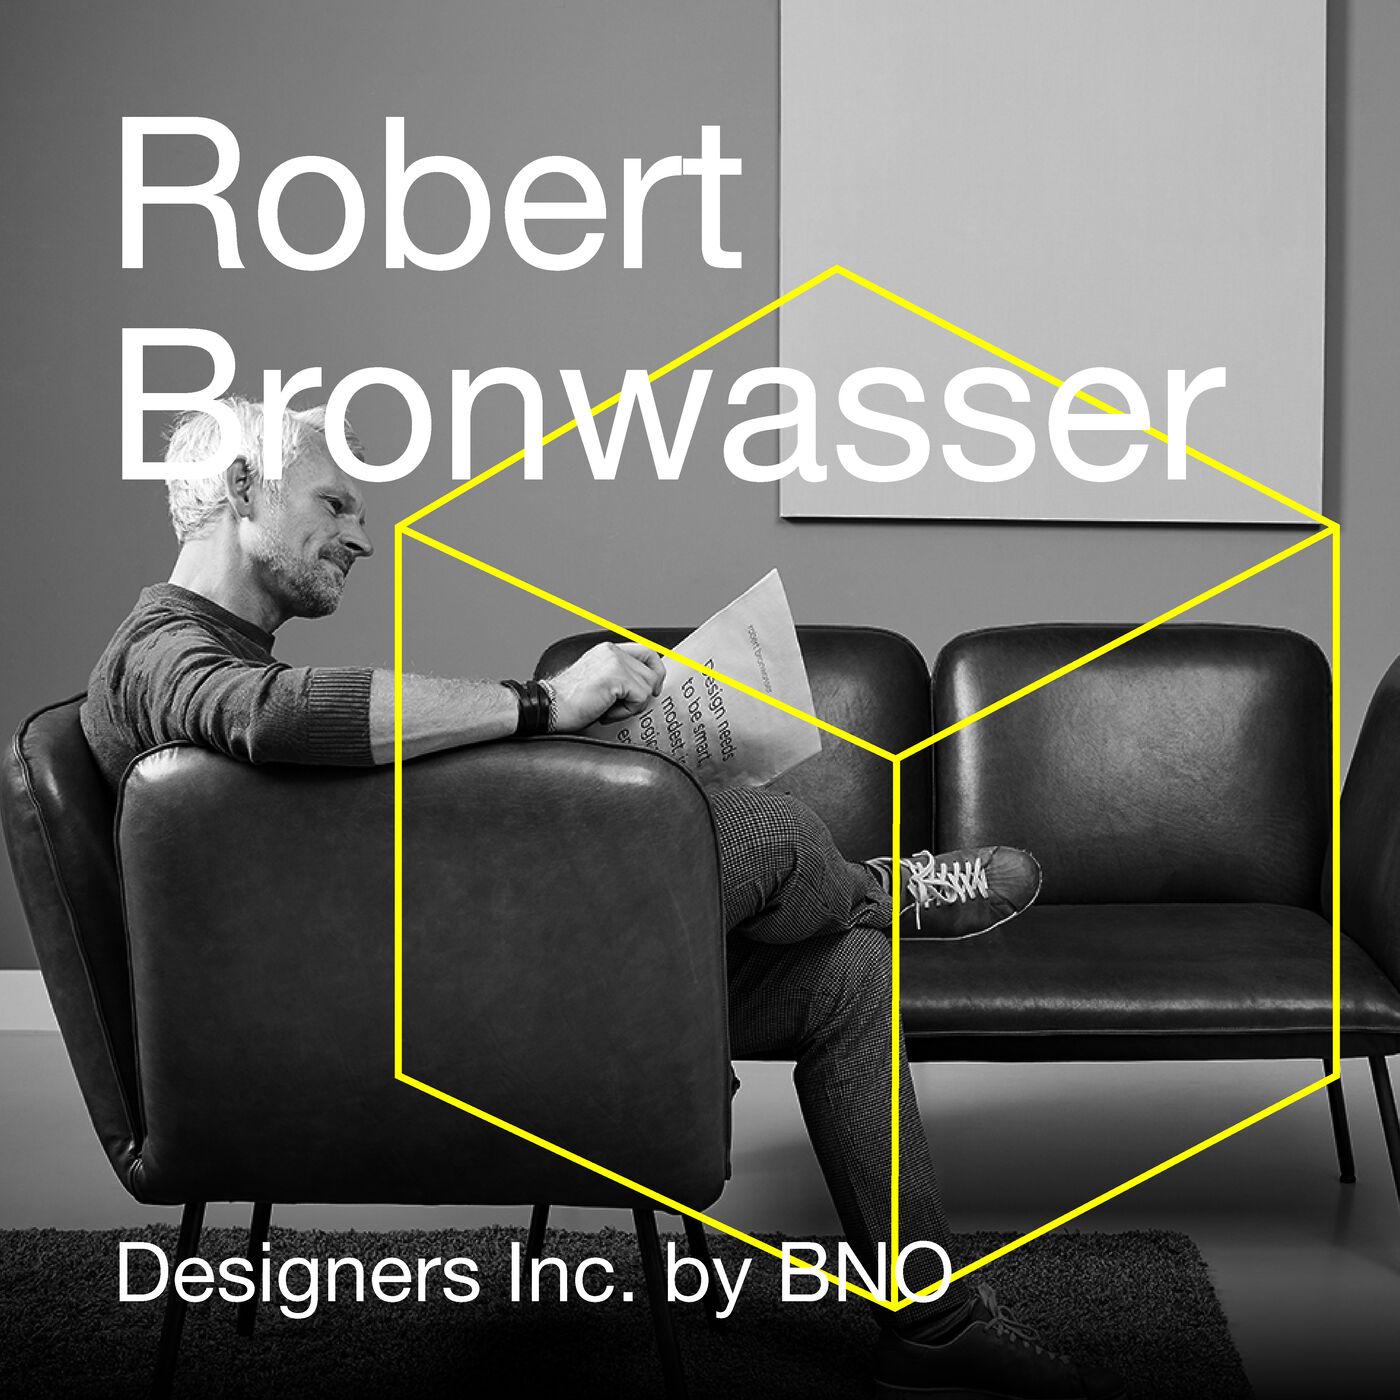 Robert Bronwasser - Robert Bronwasser